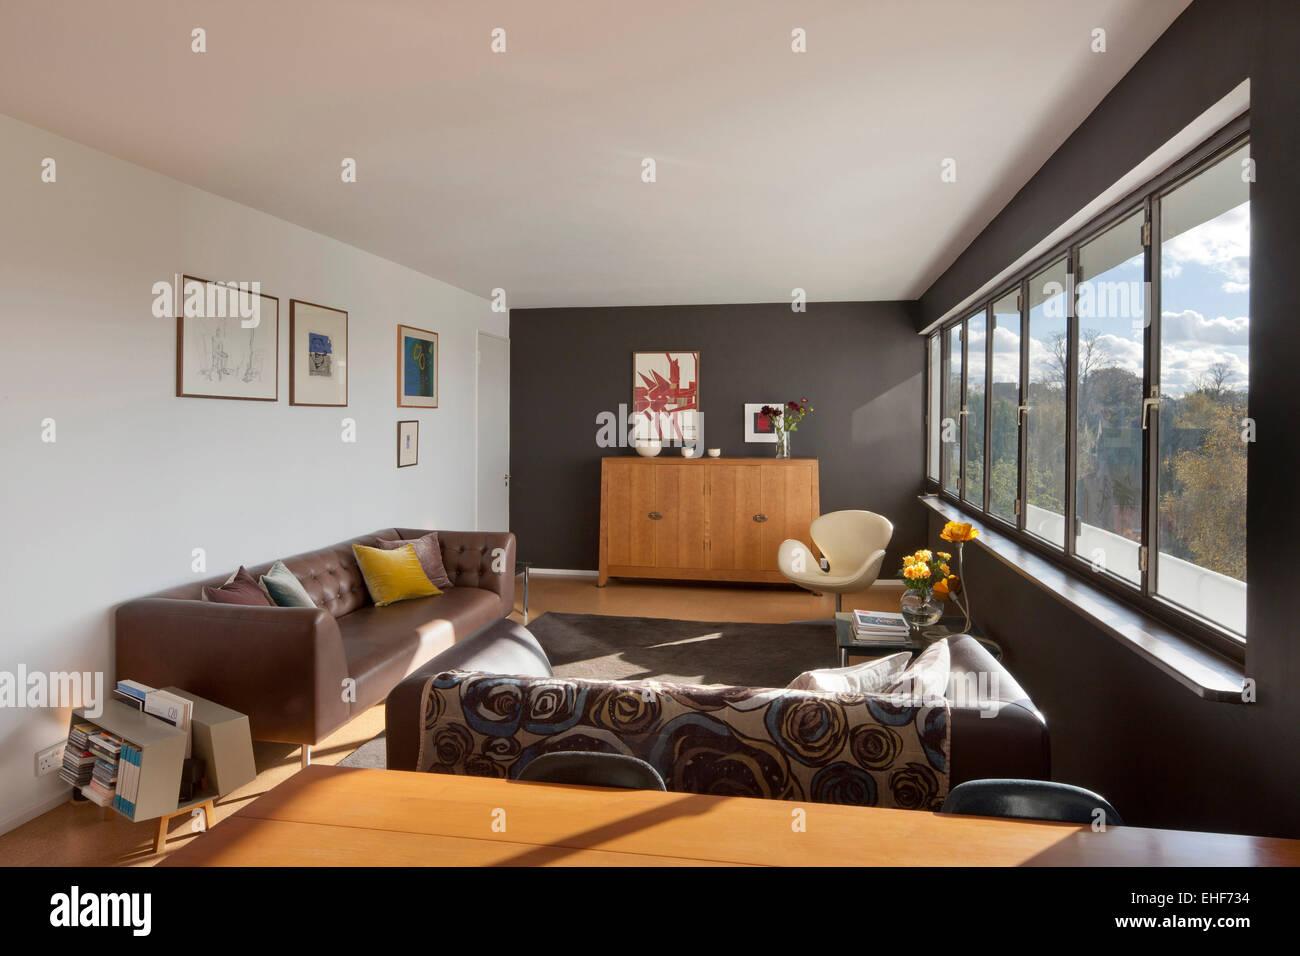 Modernes Wohnzimmer In Wohnung In Einem Höhepunkt, Highgate, London